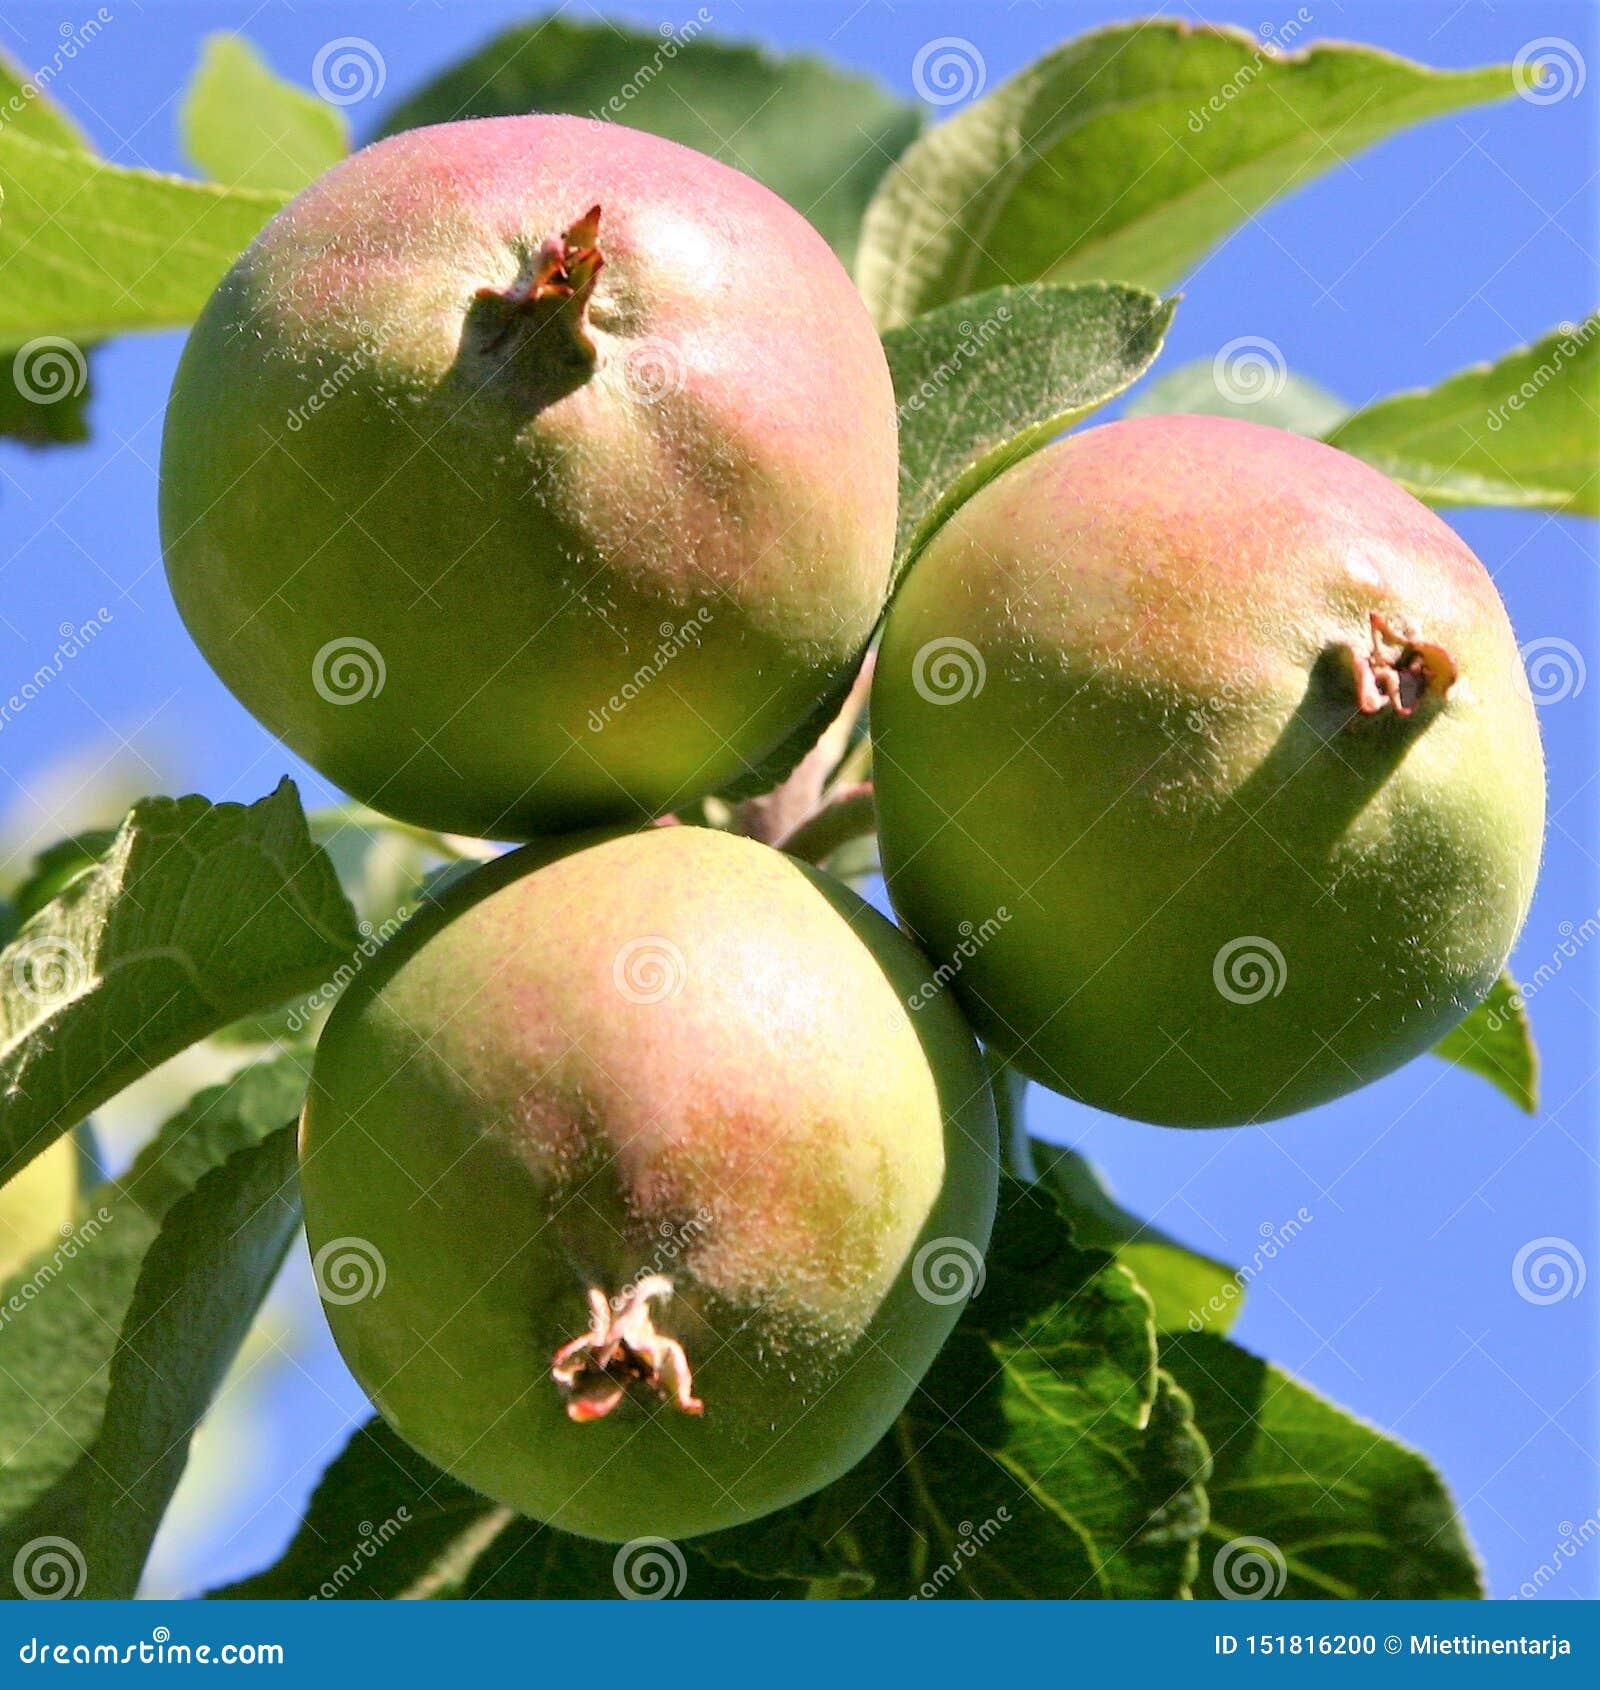 Trois rouges et pommes vertes se développent dans un pommier